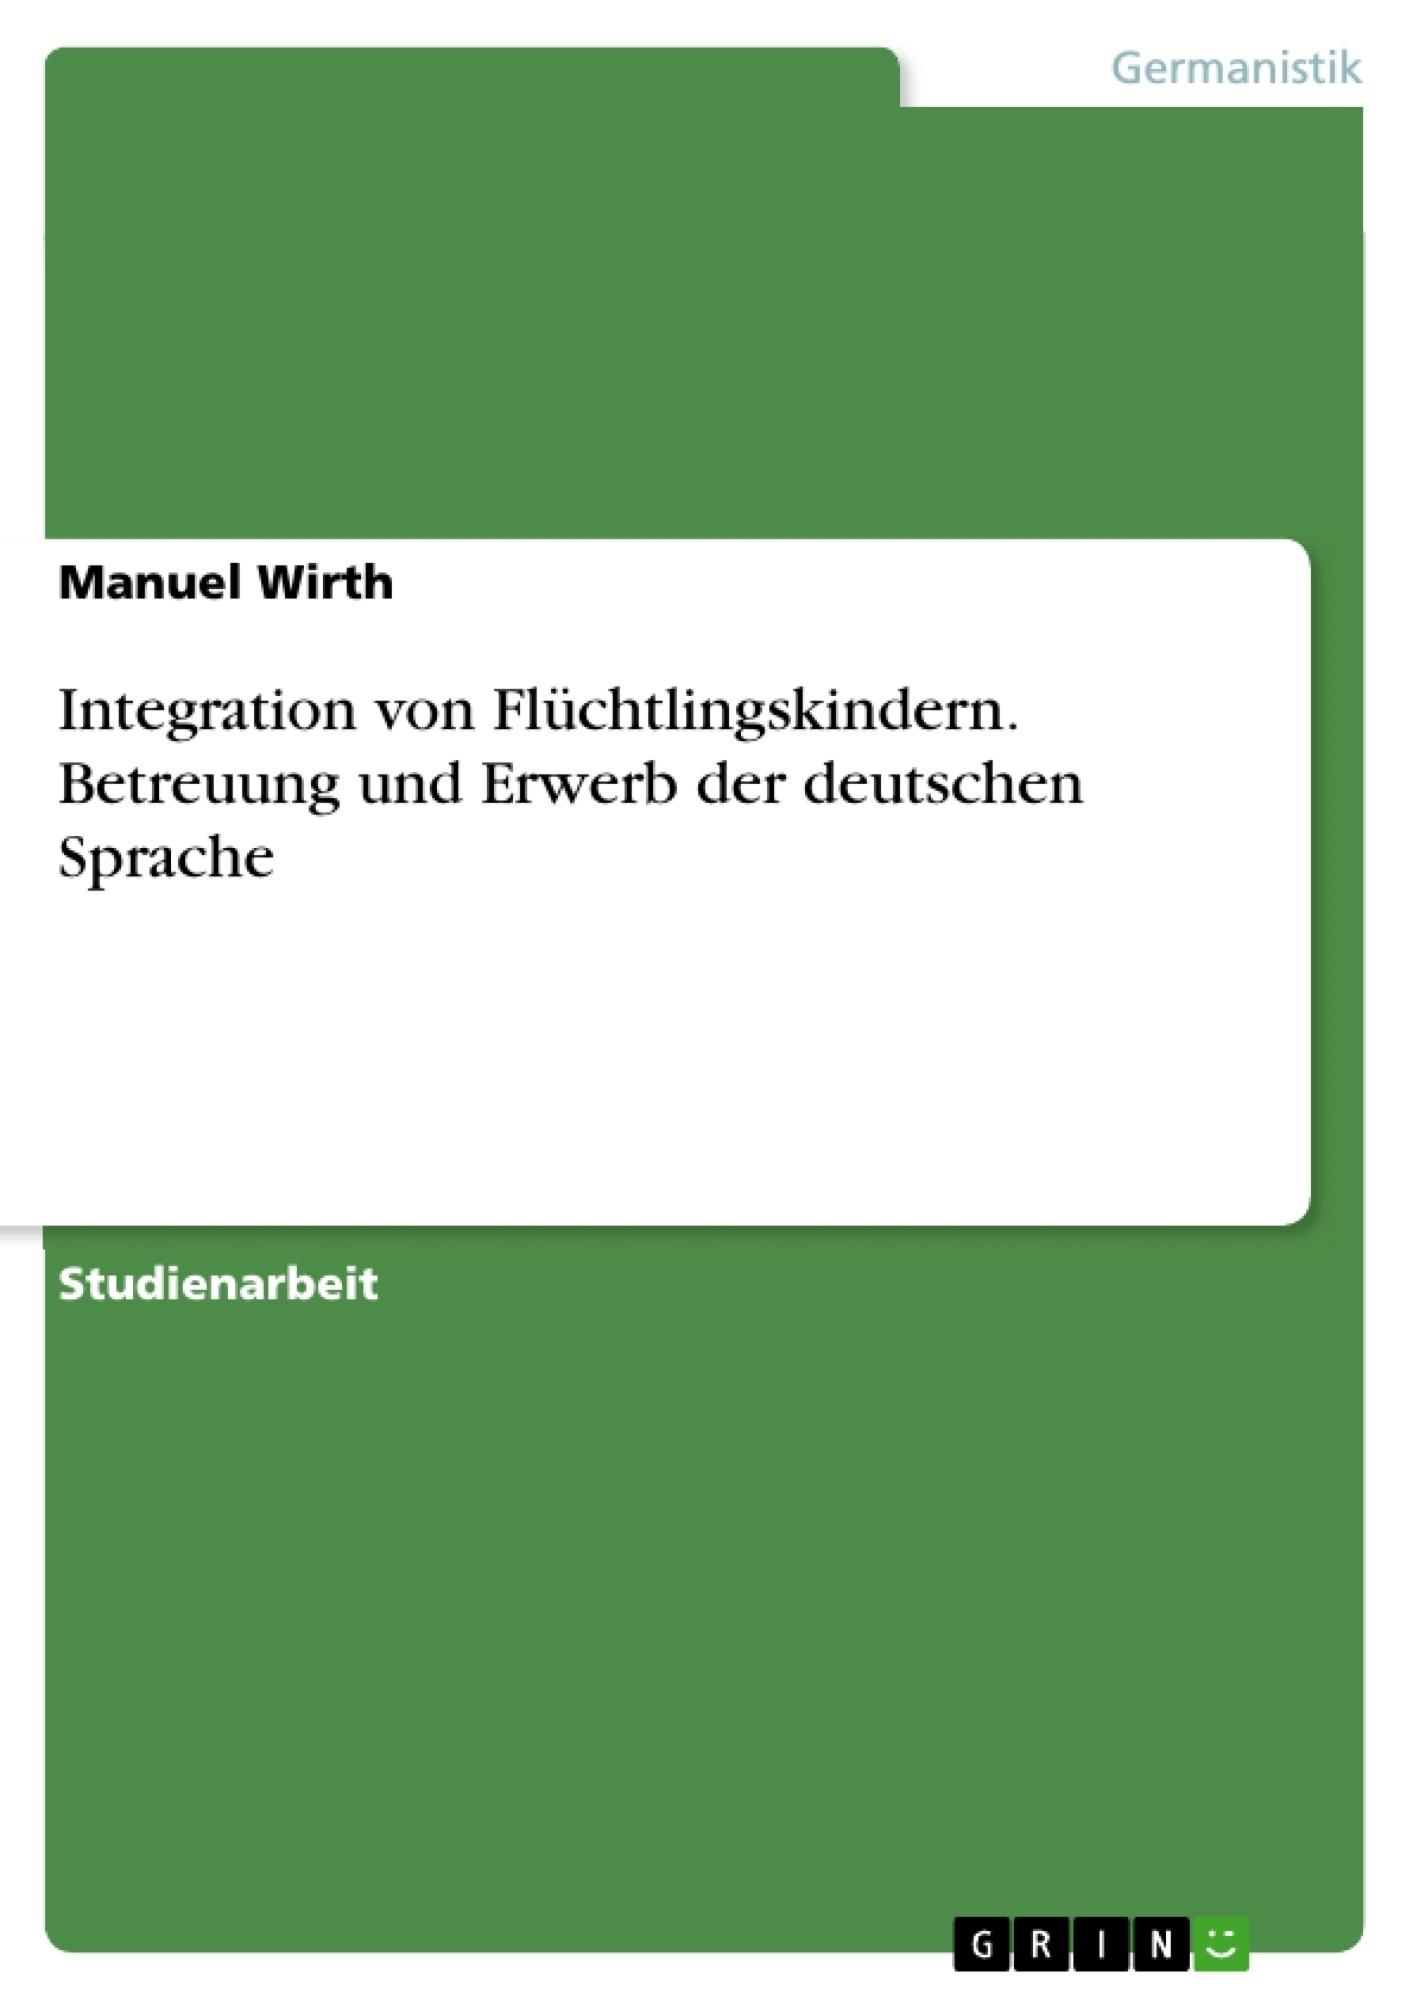 Titel: Integration von Flüchtlingskindern. Betreuung und Erwerb der deutschen Sprache